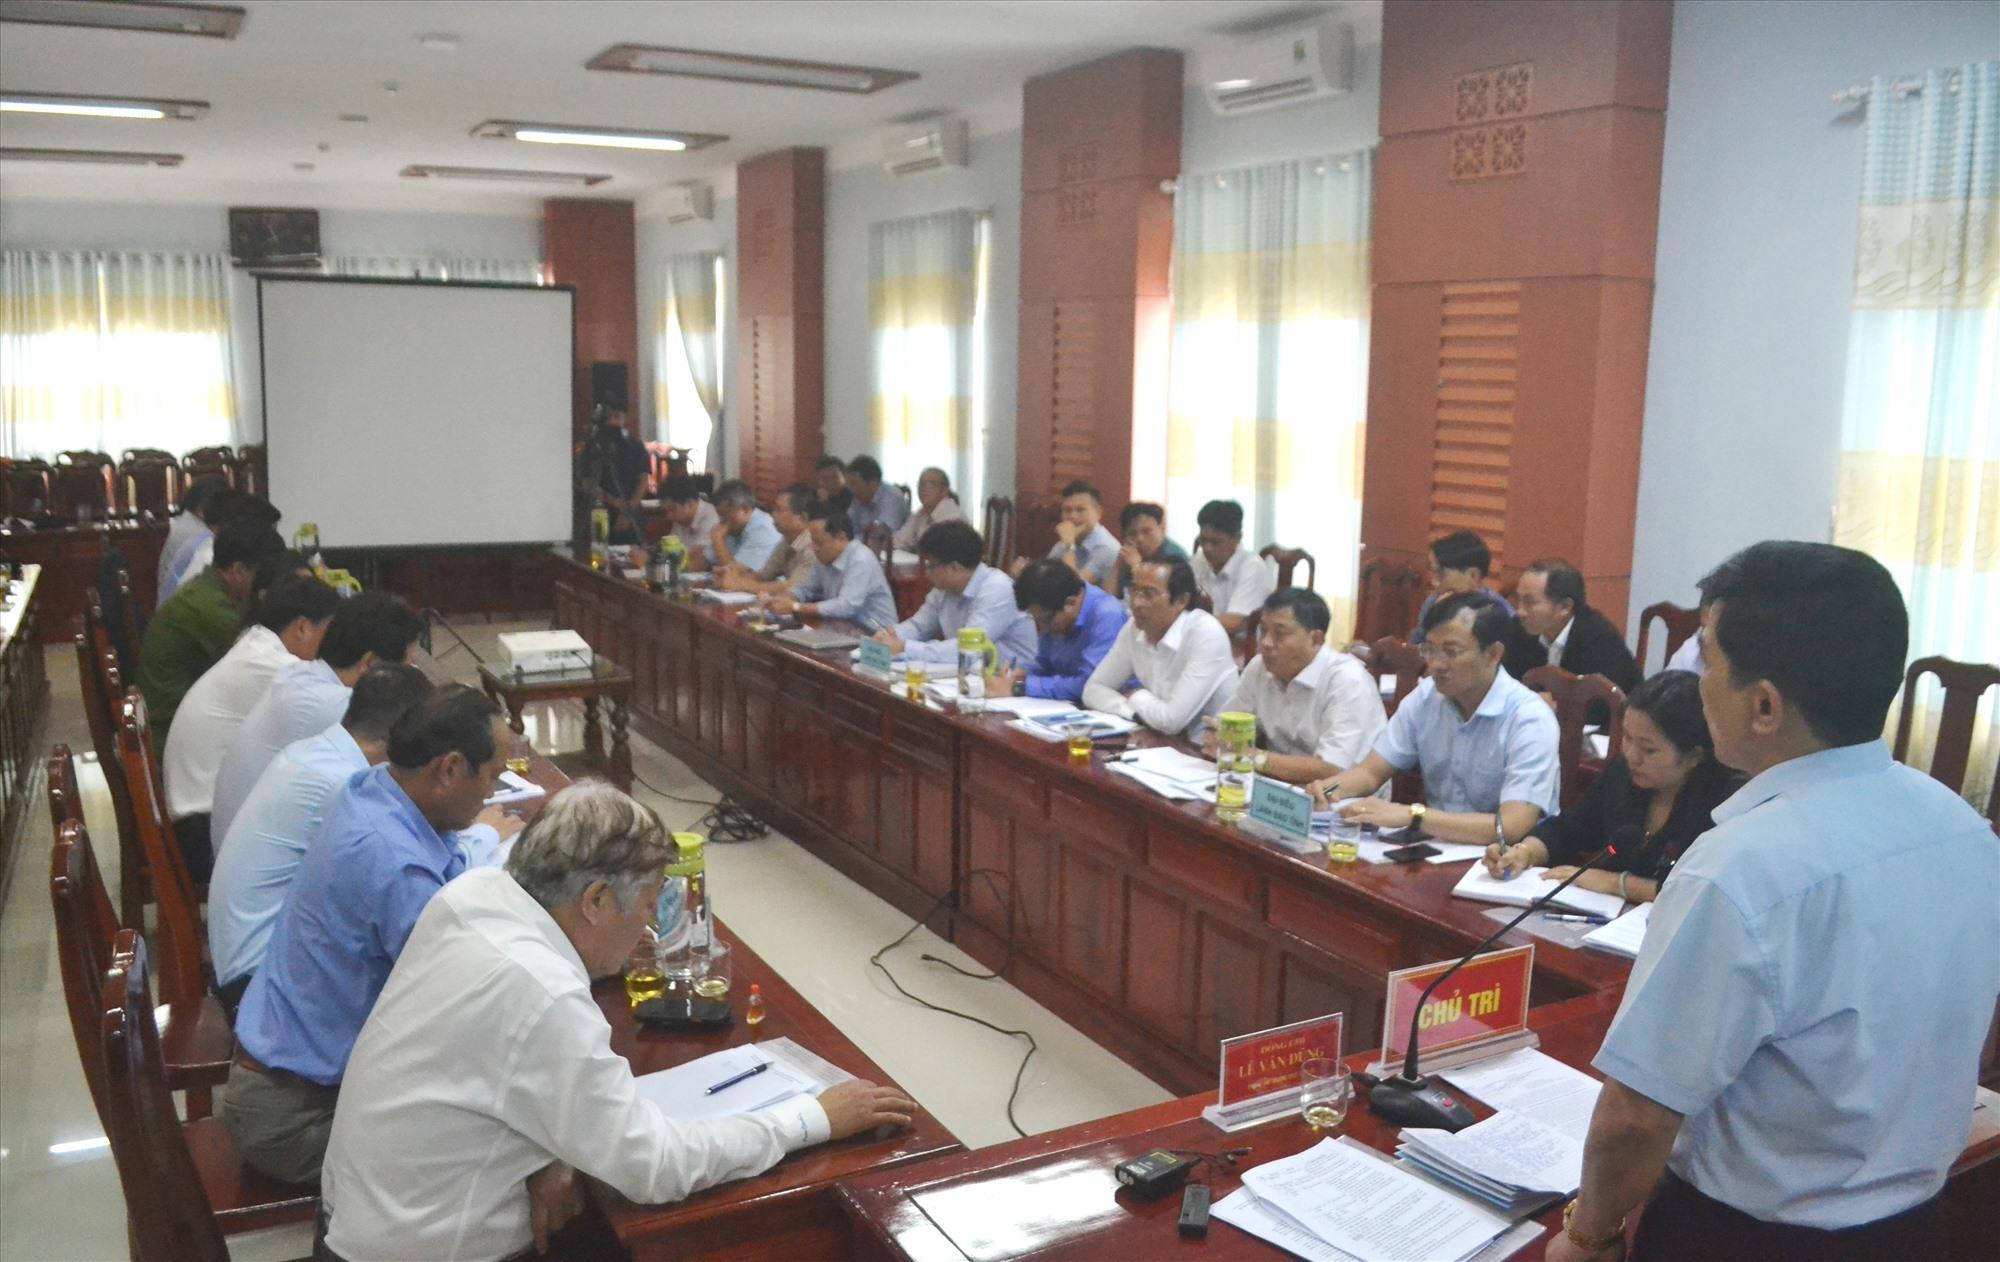 Đồng chí Lê Văn Dũng đề nghị huyện Tiên Phước thành lập tổ công tác chuyên trách GPMB. Ảnh: CT